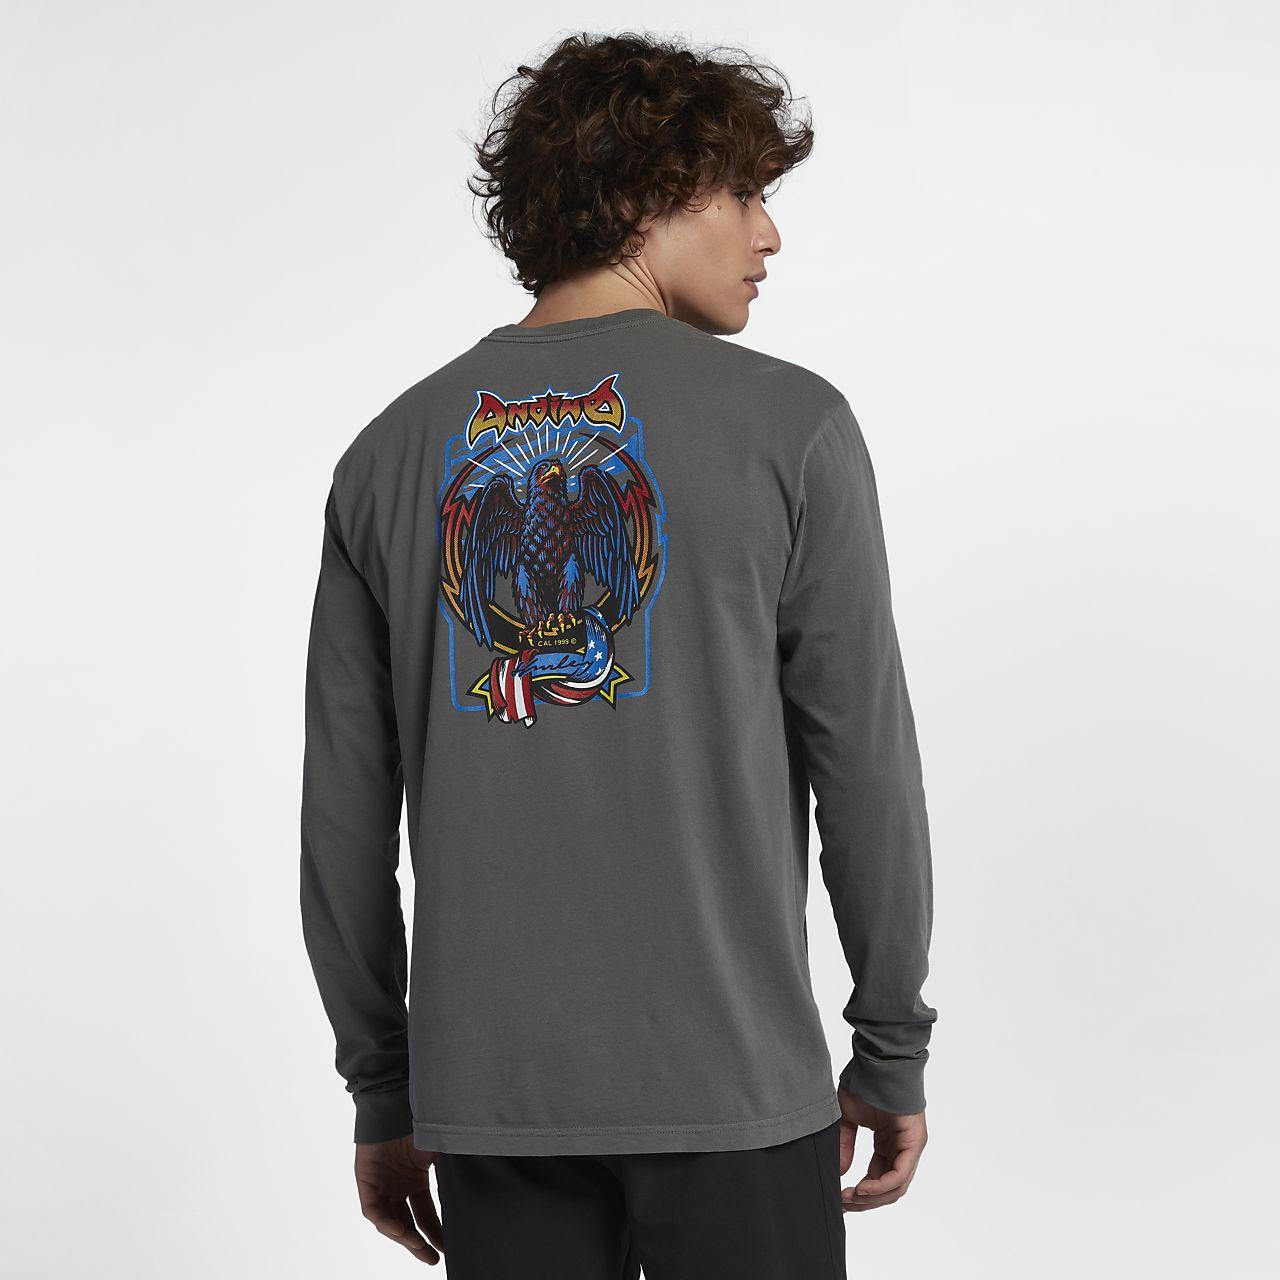 Pánské tričko s dlouhým rukávem Hurley Team Andino